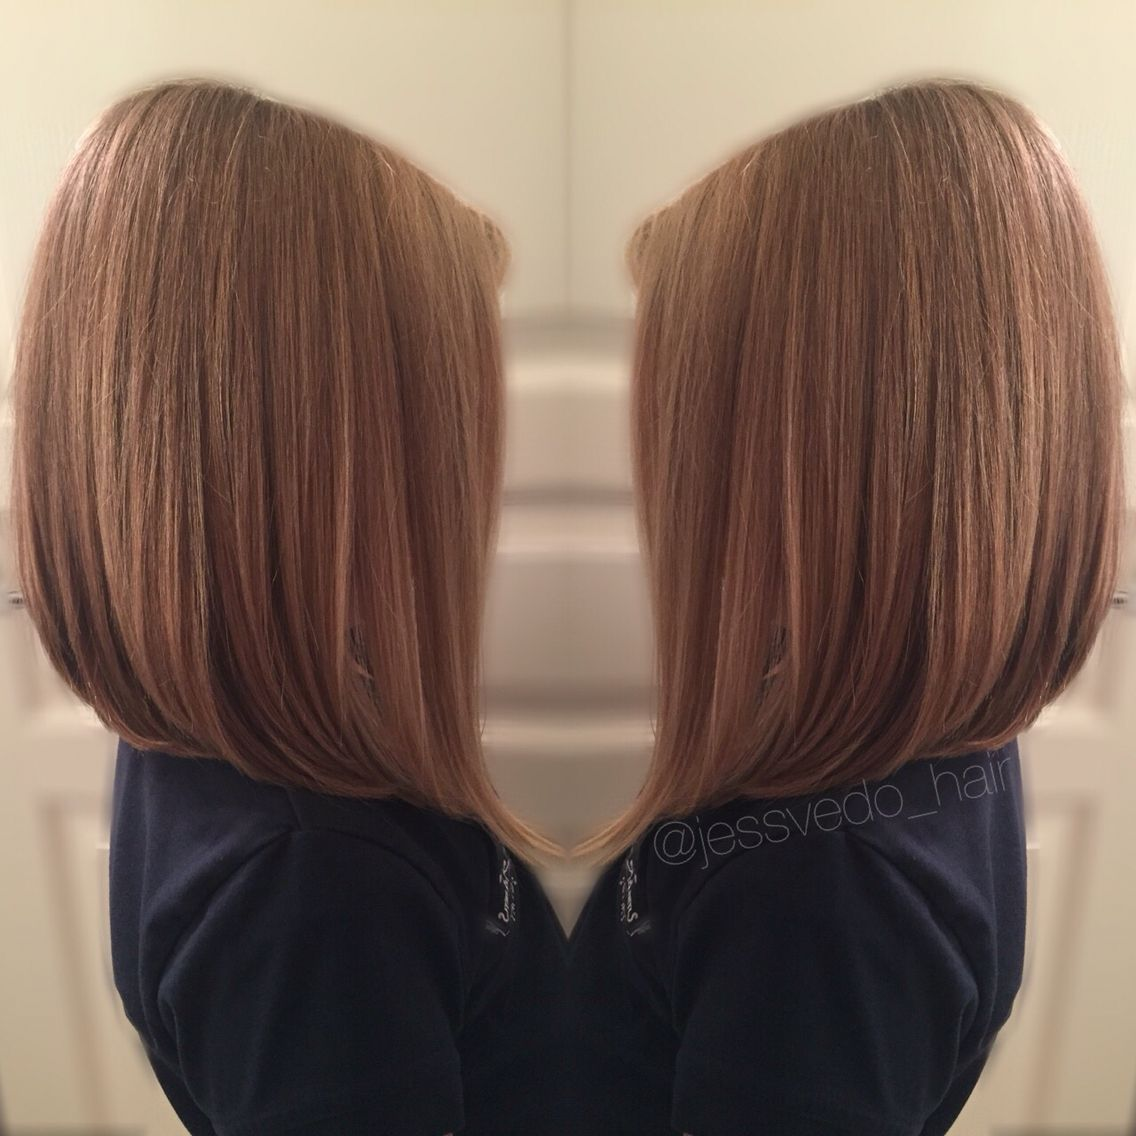 Pin On Jessvedo Hair